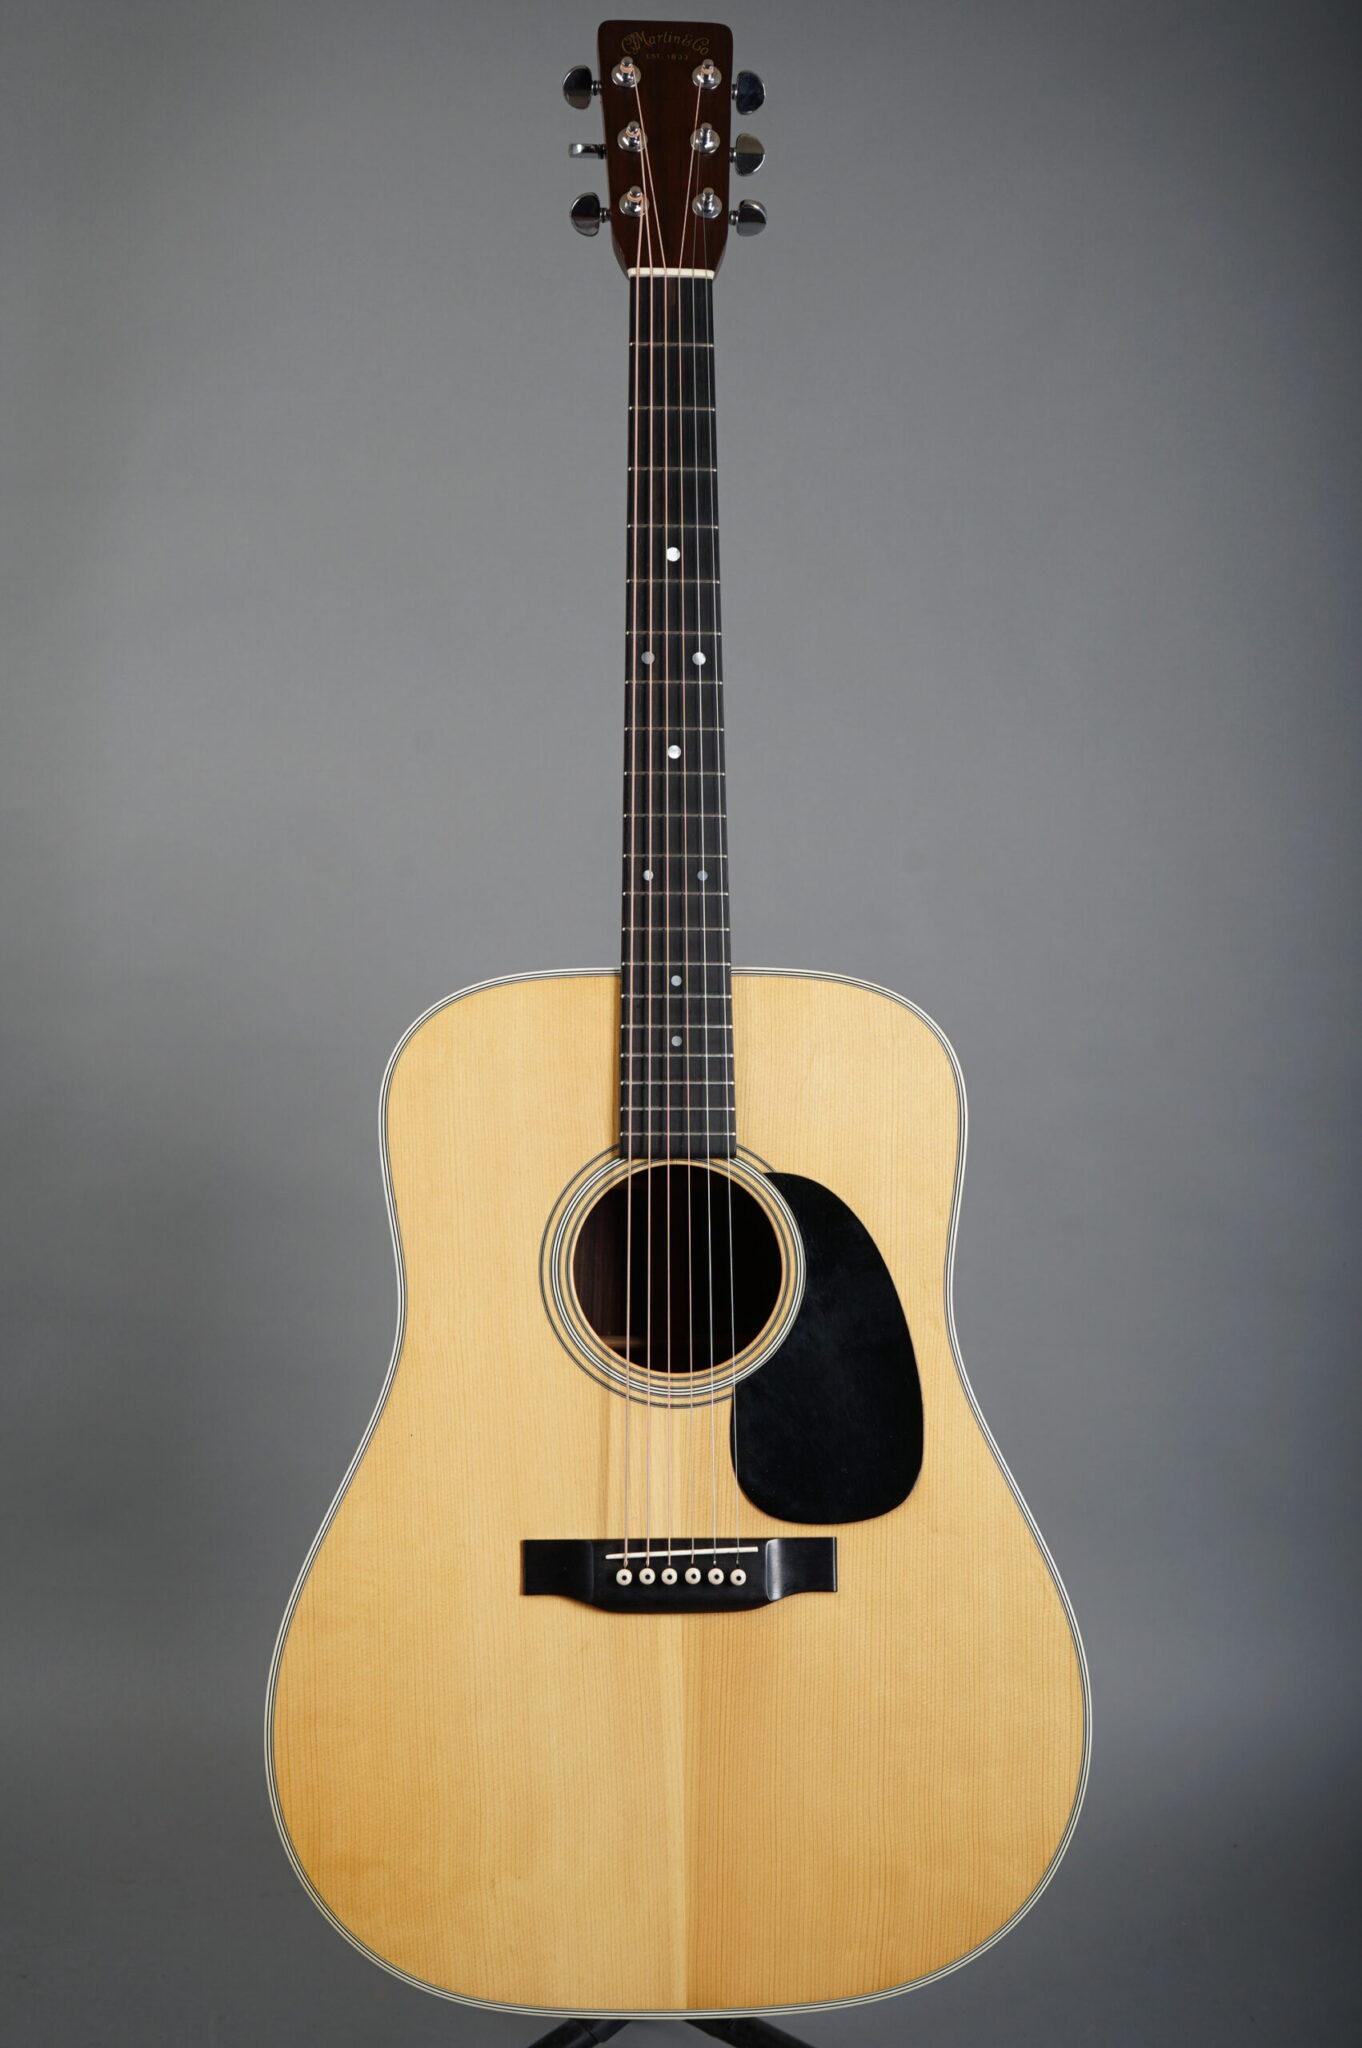 https://guitarpoint.de/app/uploads/products/1970-martin-d-28-natural/1970-Martin-D28-270913-1-scaled-1362x2048.jpg